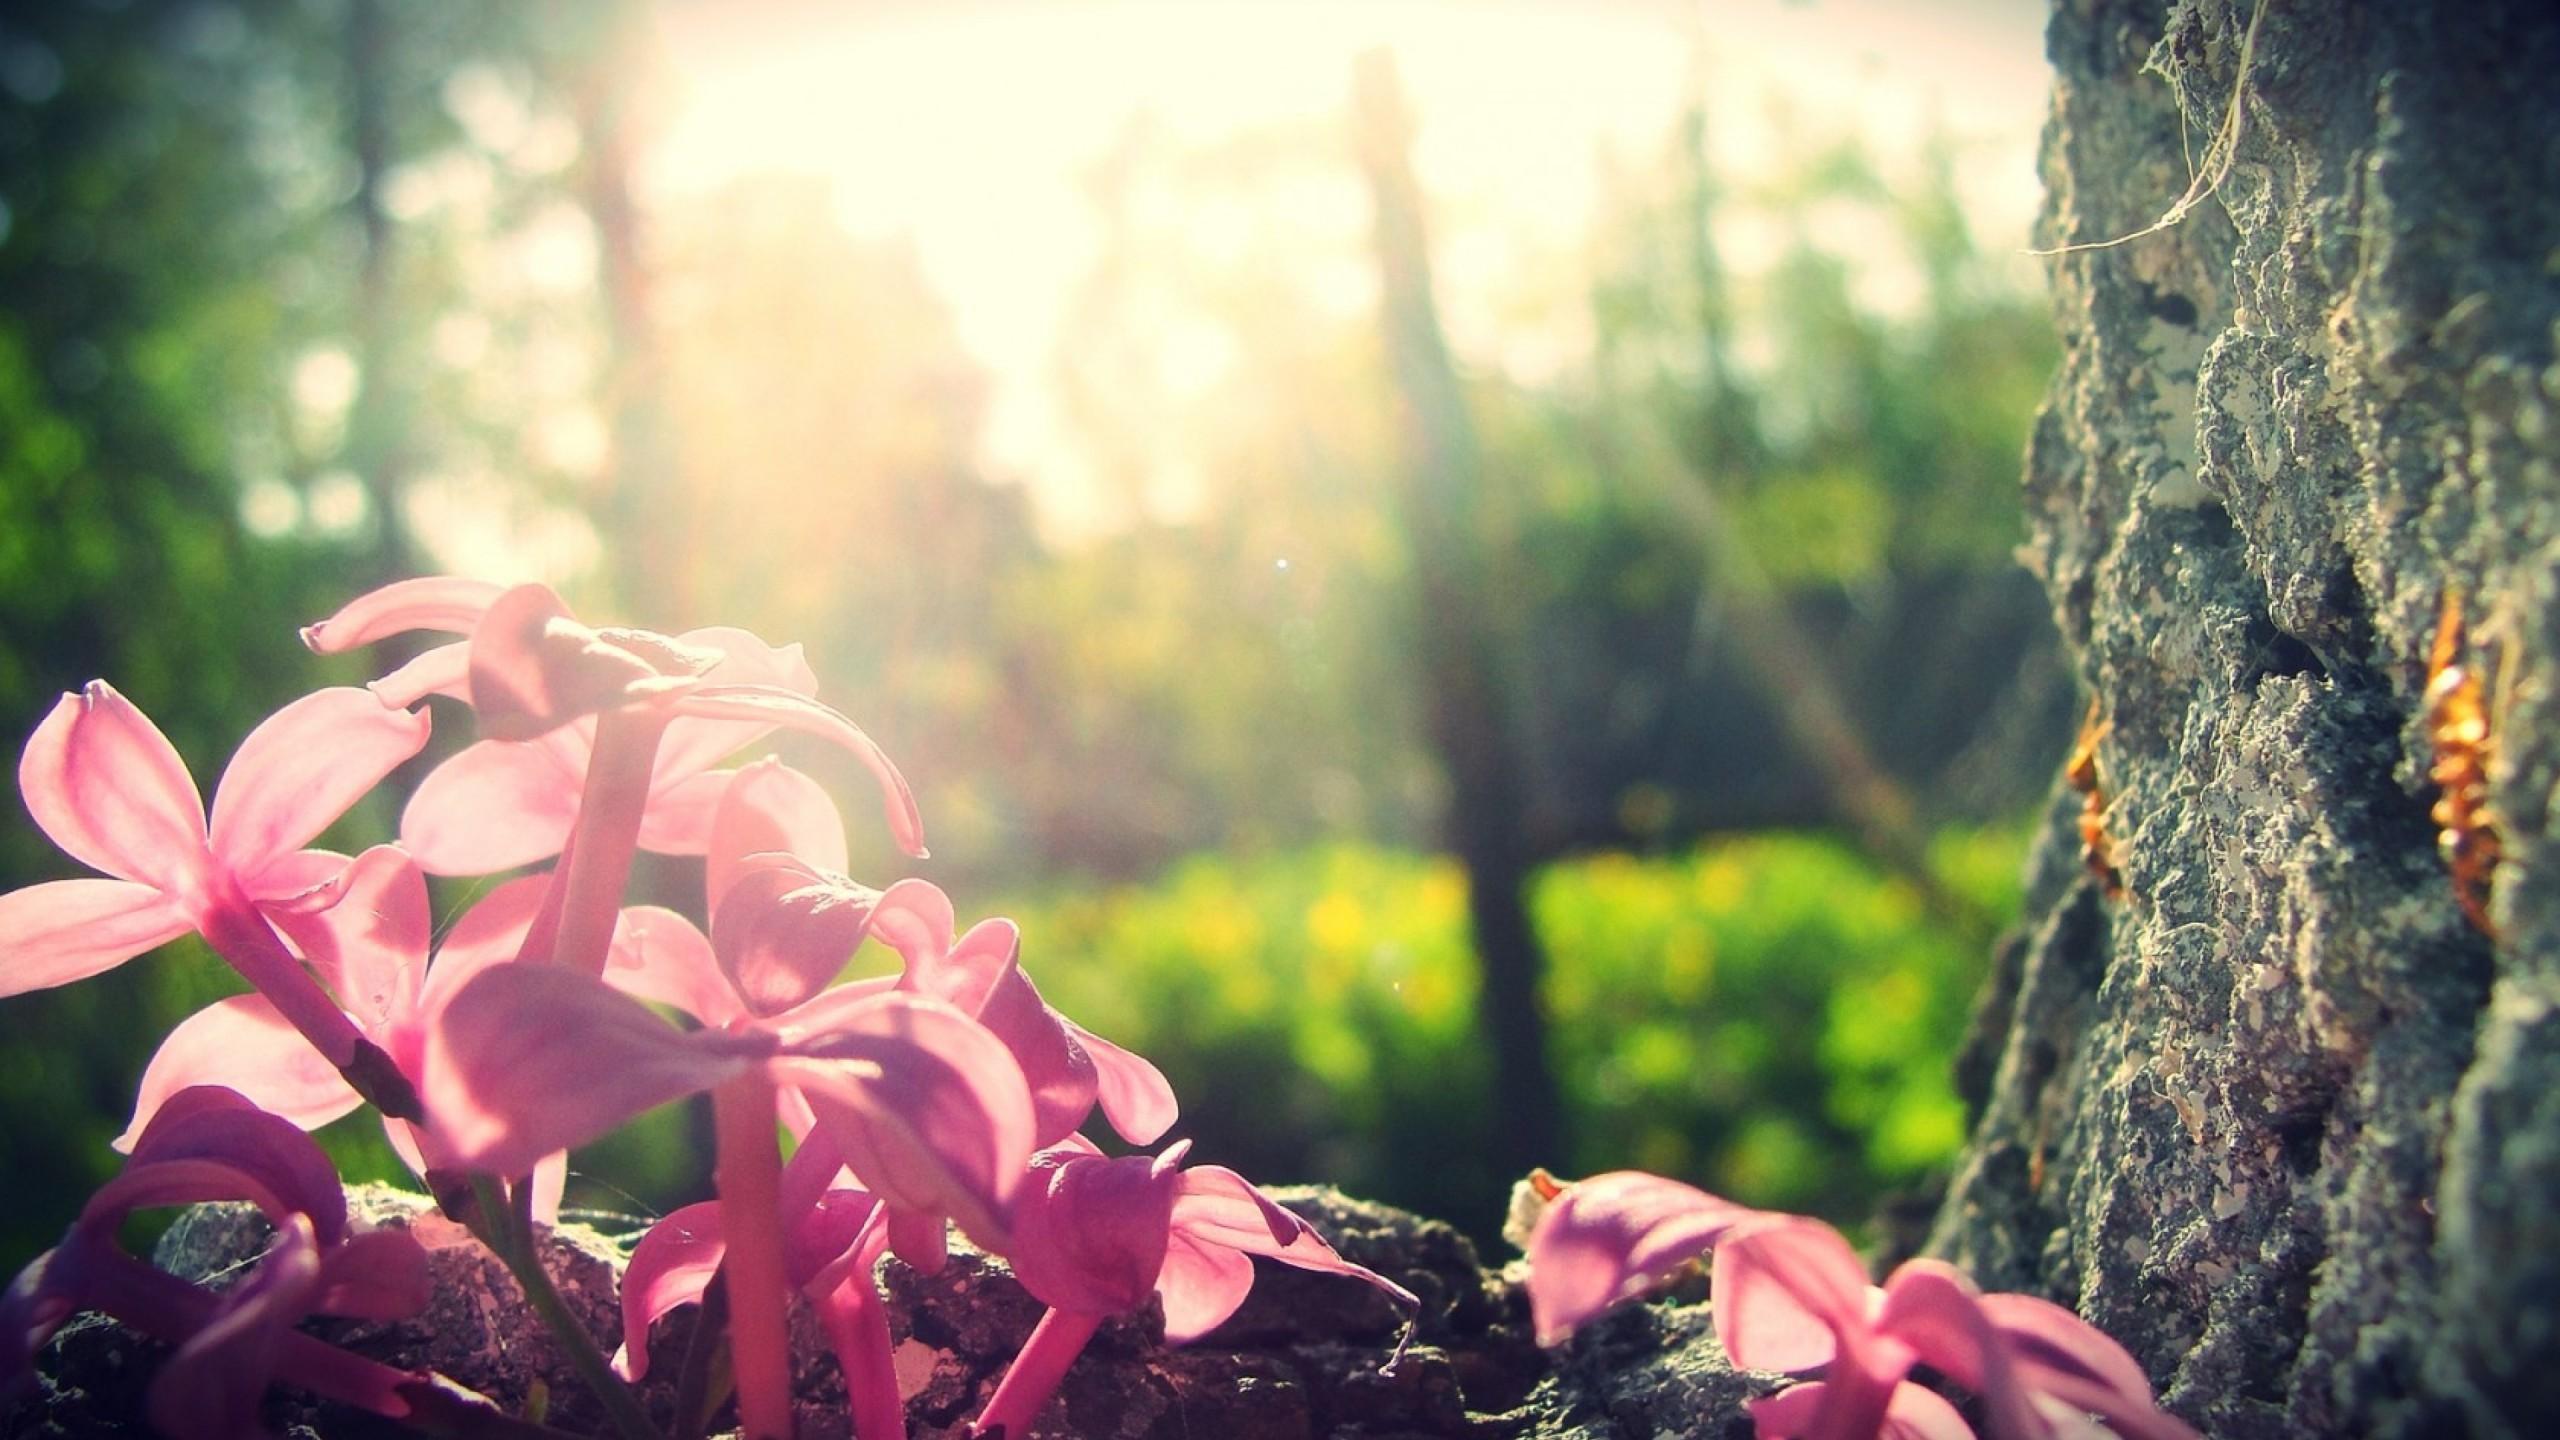 Wallpaper Forest 4k Hd Wallpaper Lilac Tree Flowers